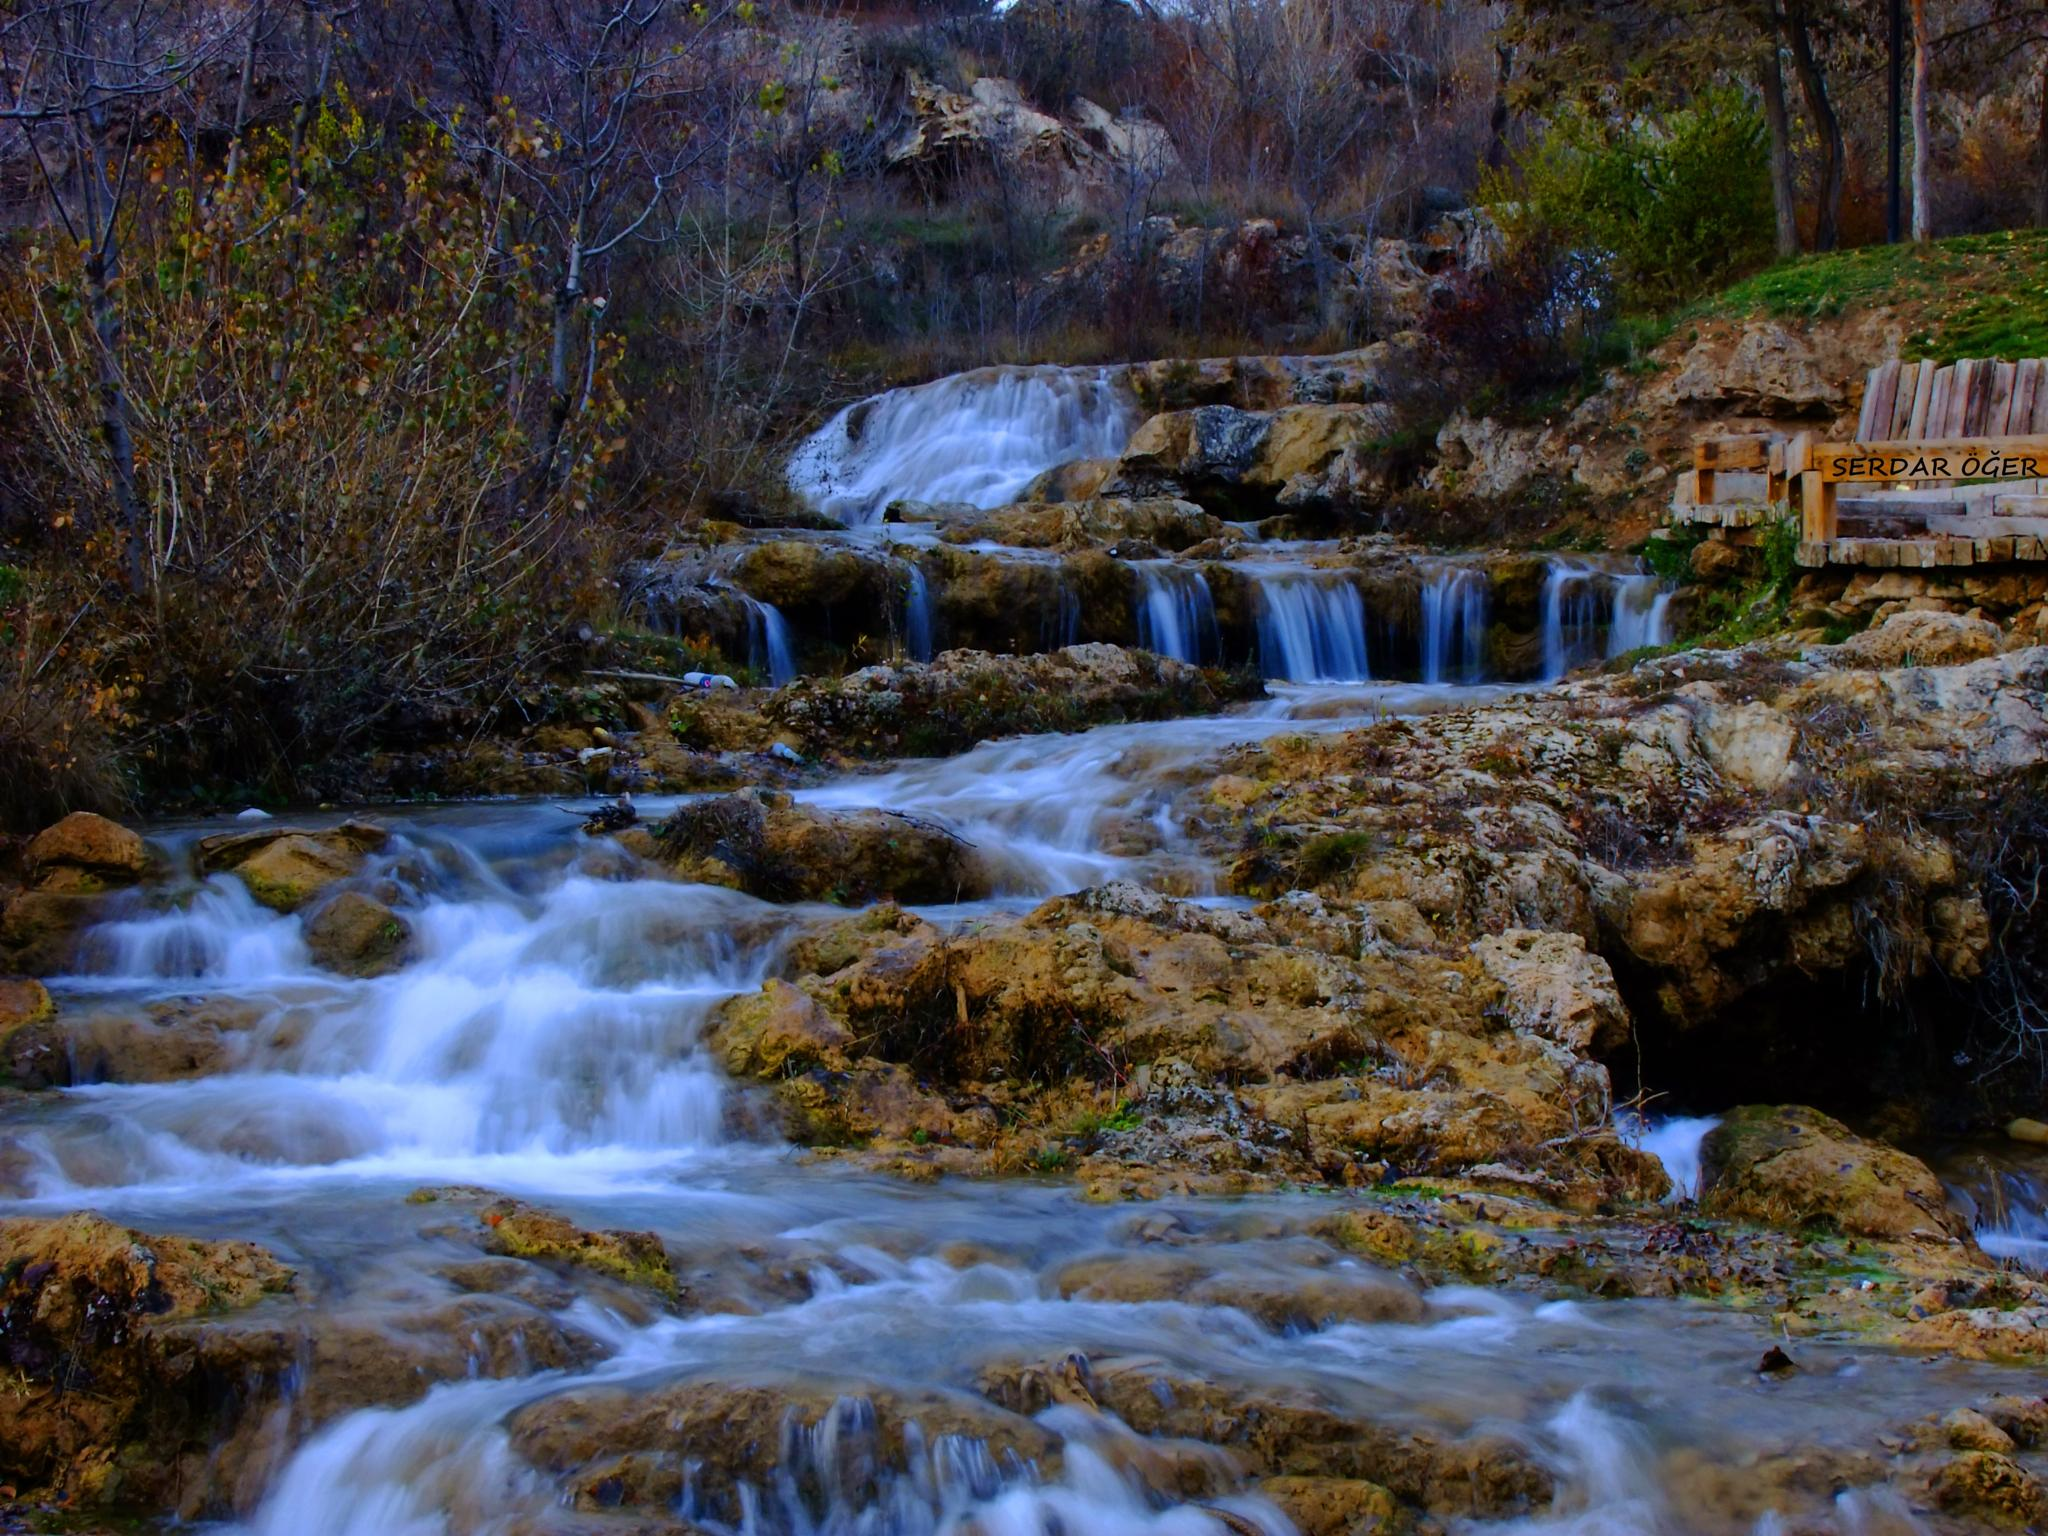 Untitled by serdar öğer photography